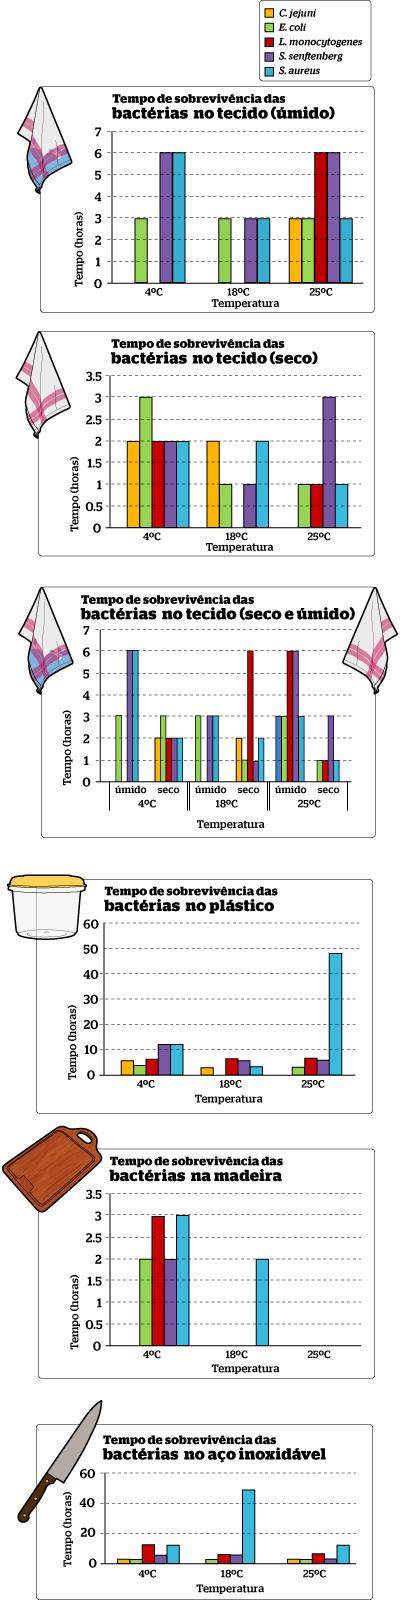 Quanto tempo sobrevivem as bactérias (Foto: Gustavo Campoy)